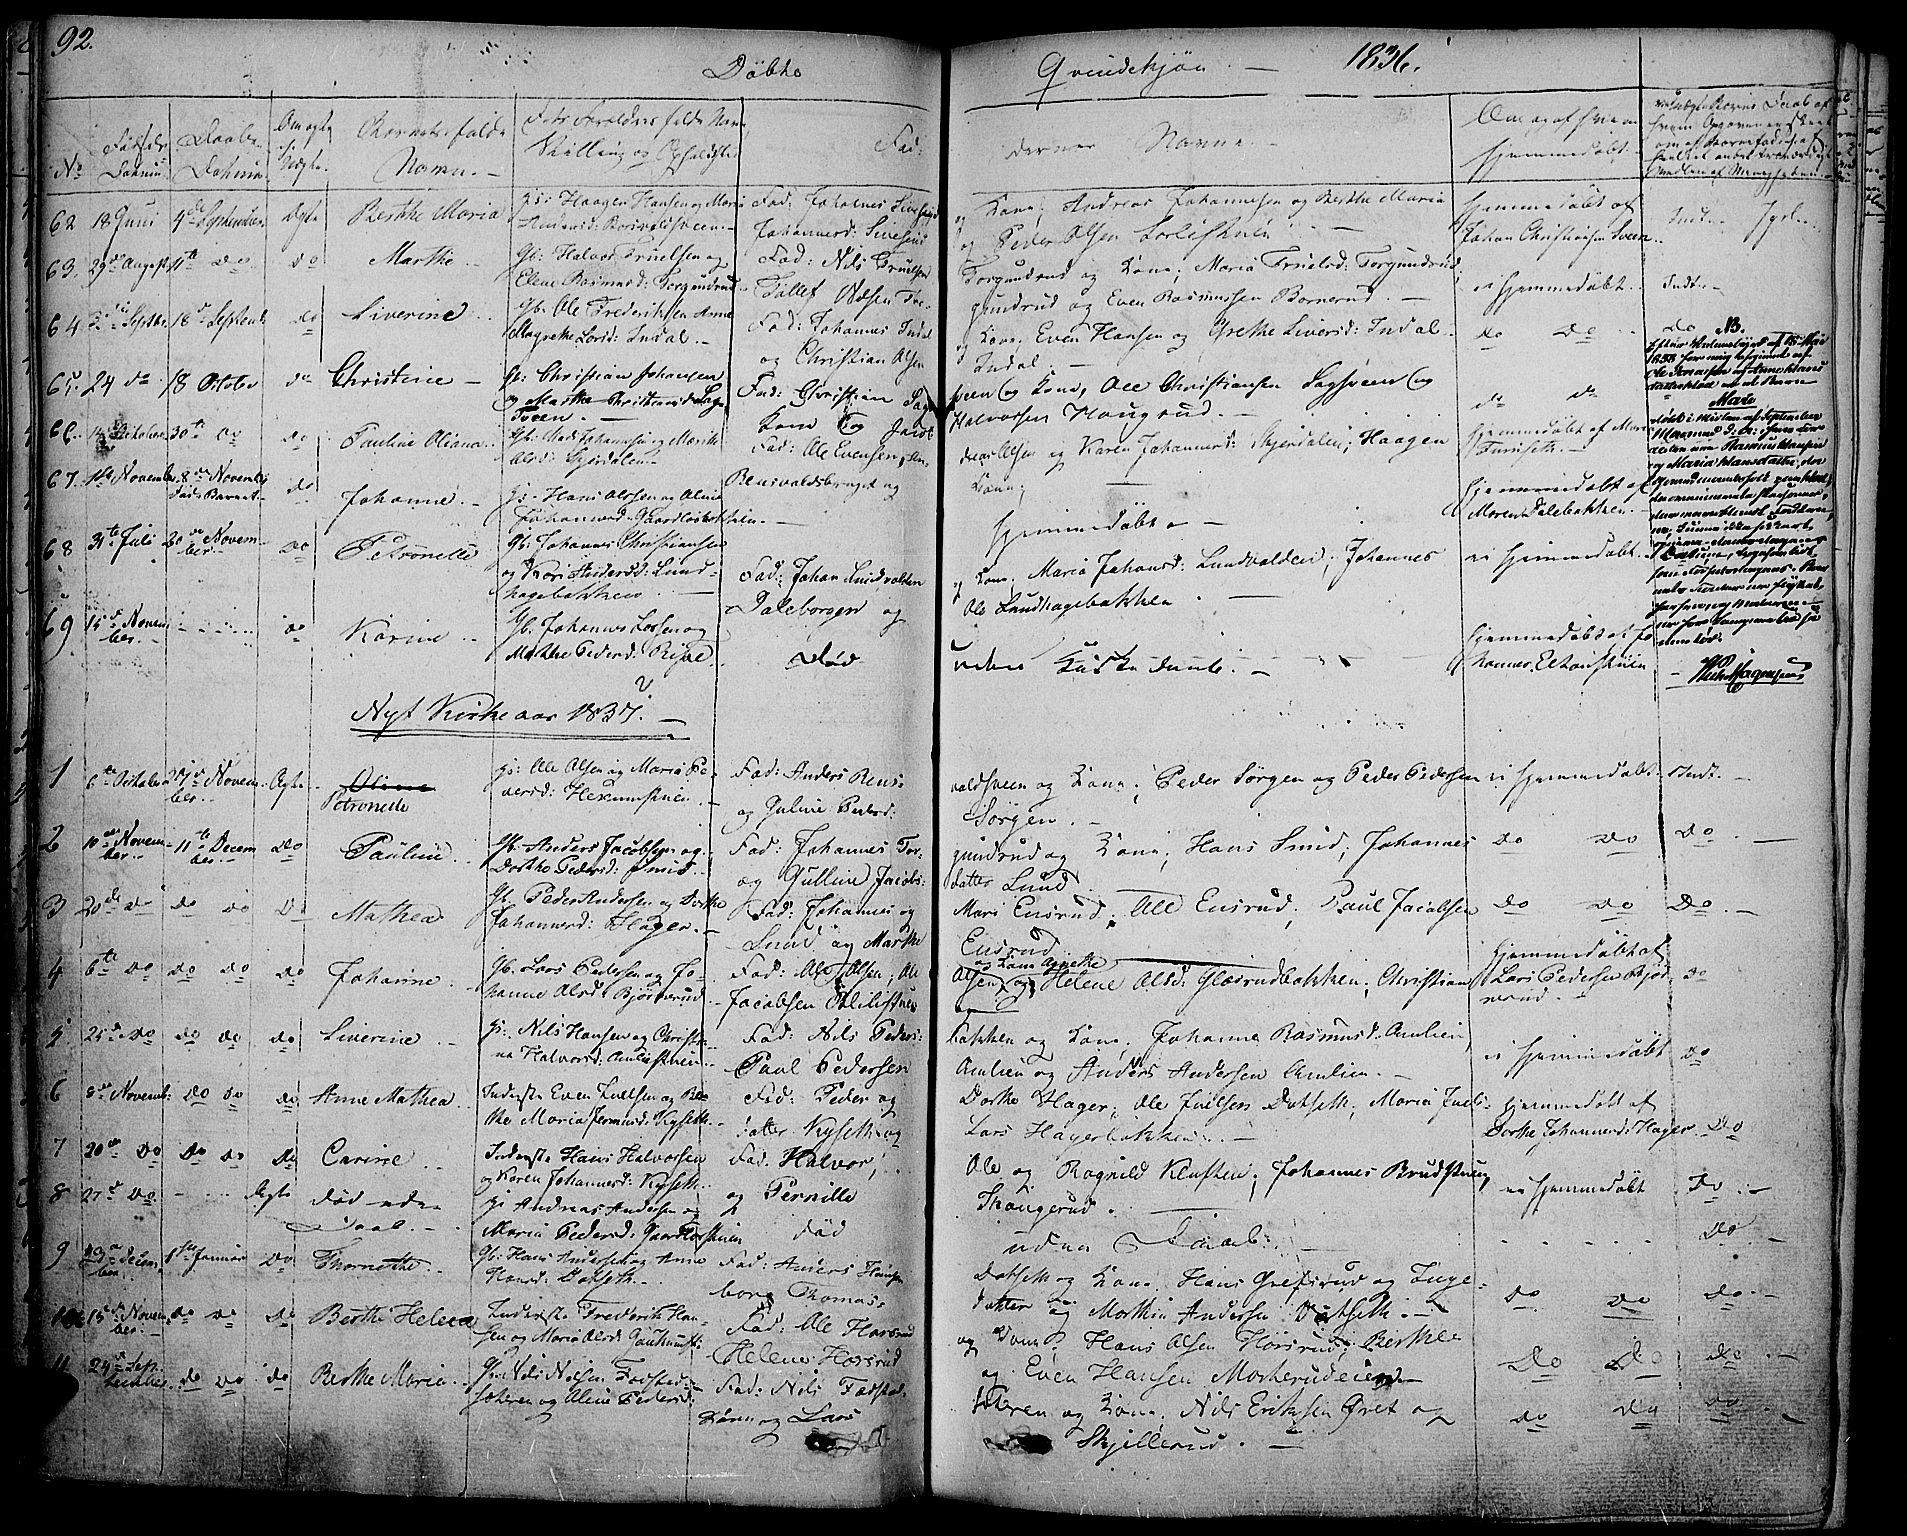 SAH, Vestre Toten prestekontor, Ministerialbok nr. 2, 1825-1837, s. 92